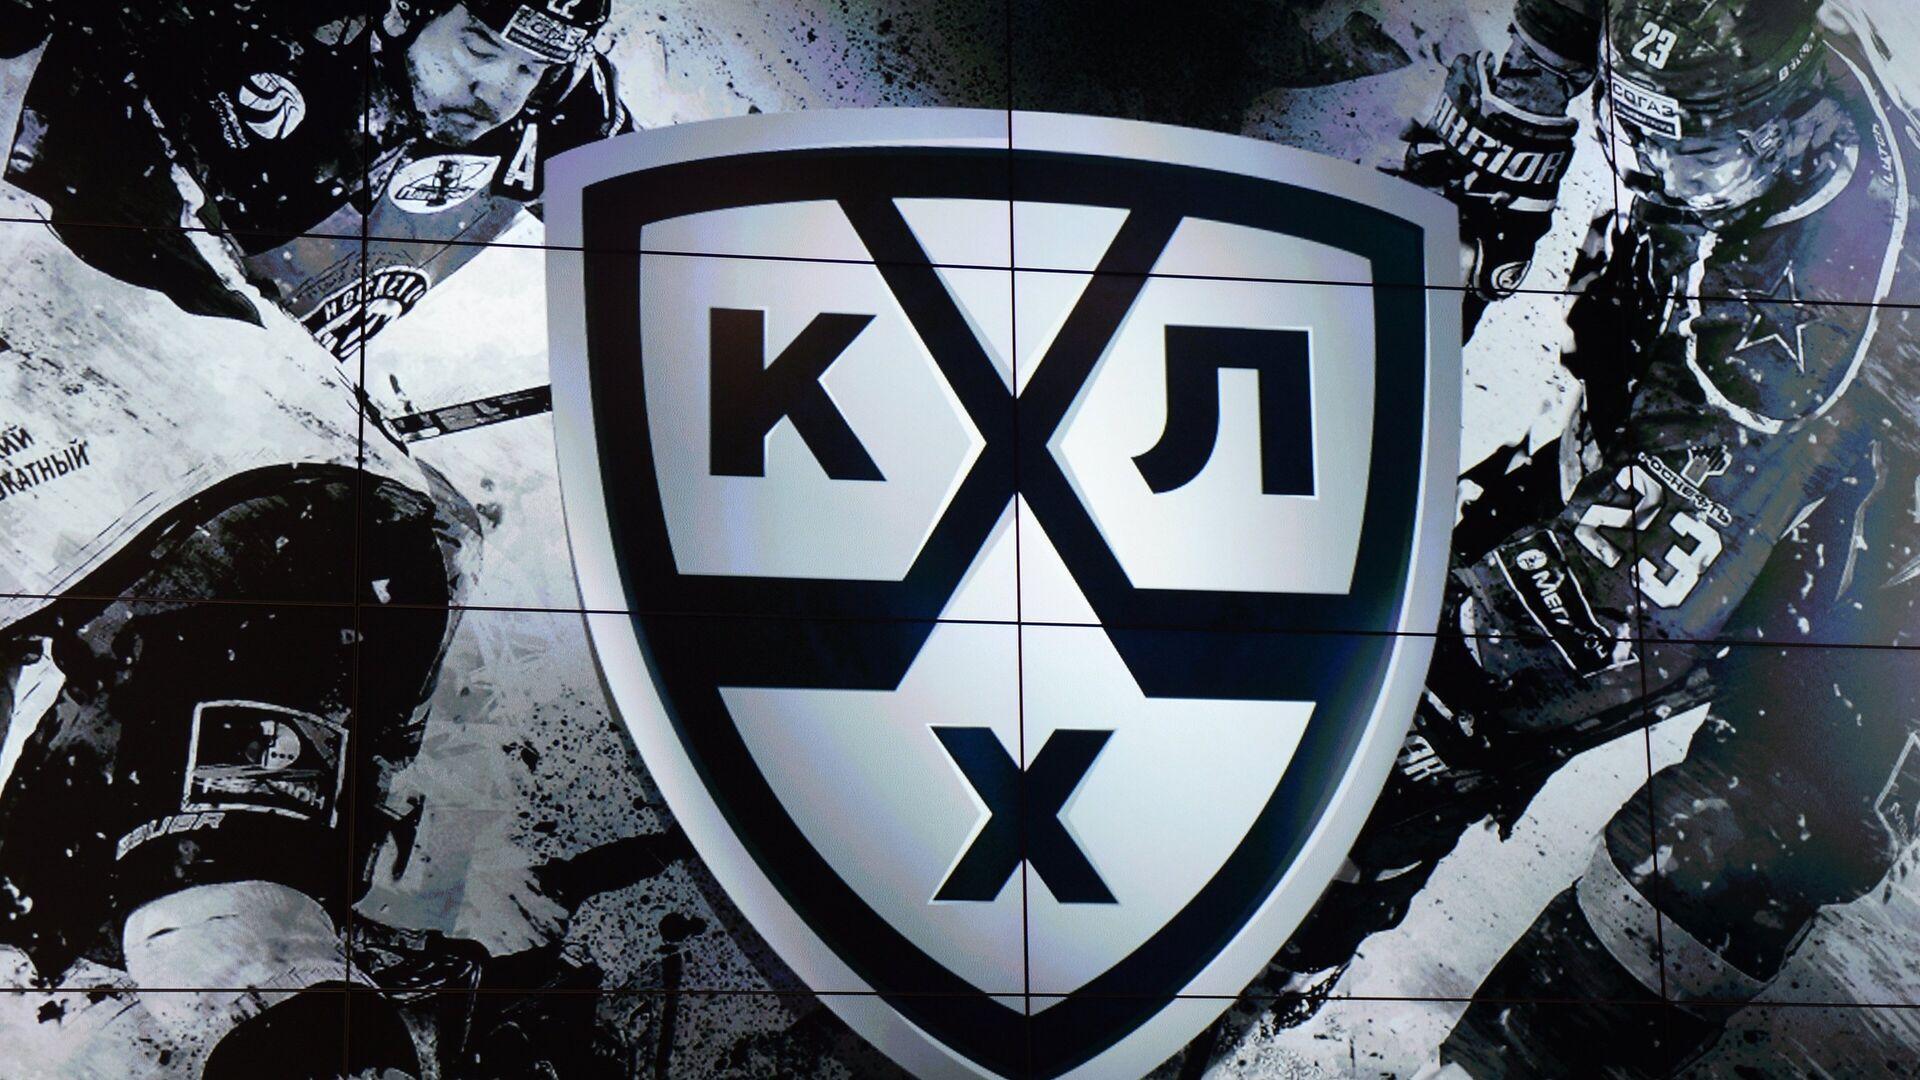 Логотип Континентальной хоккейной лиги (КХЛ) - РИА Новости, 1920, 11.11.2020